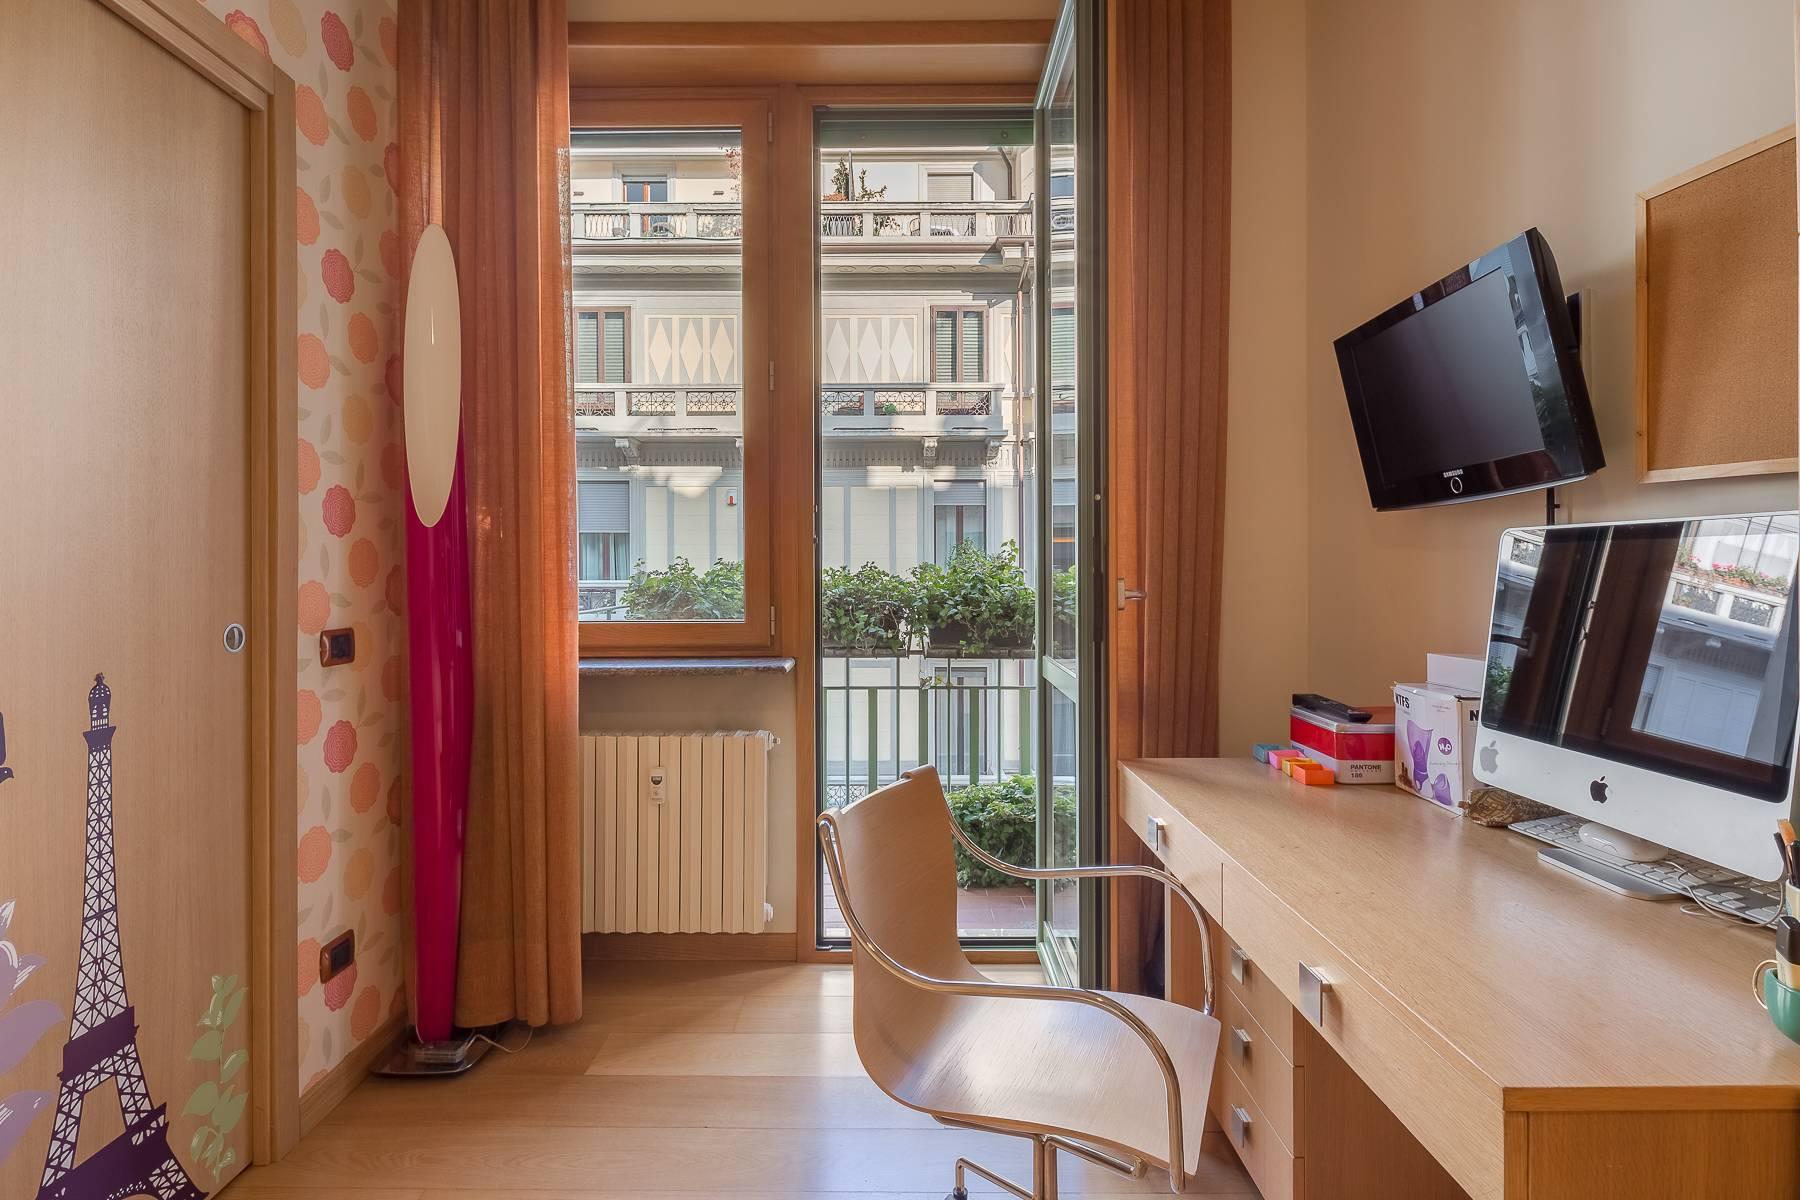 Квартира в классическом стиле на via Besana - 23